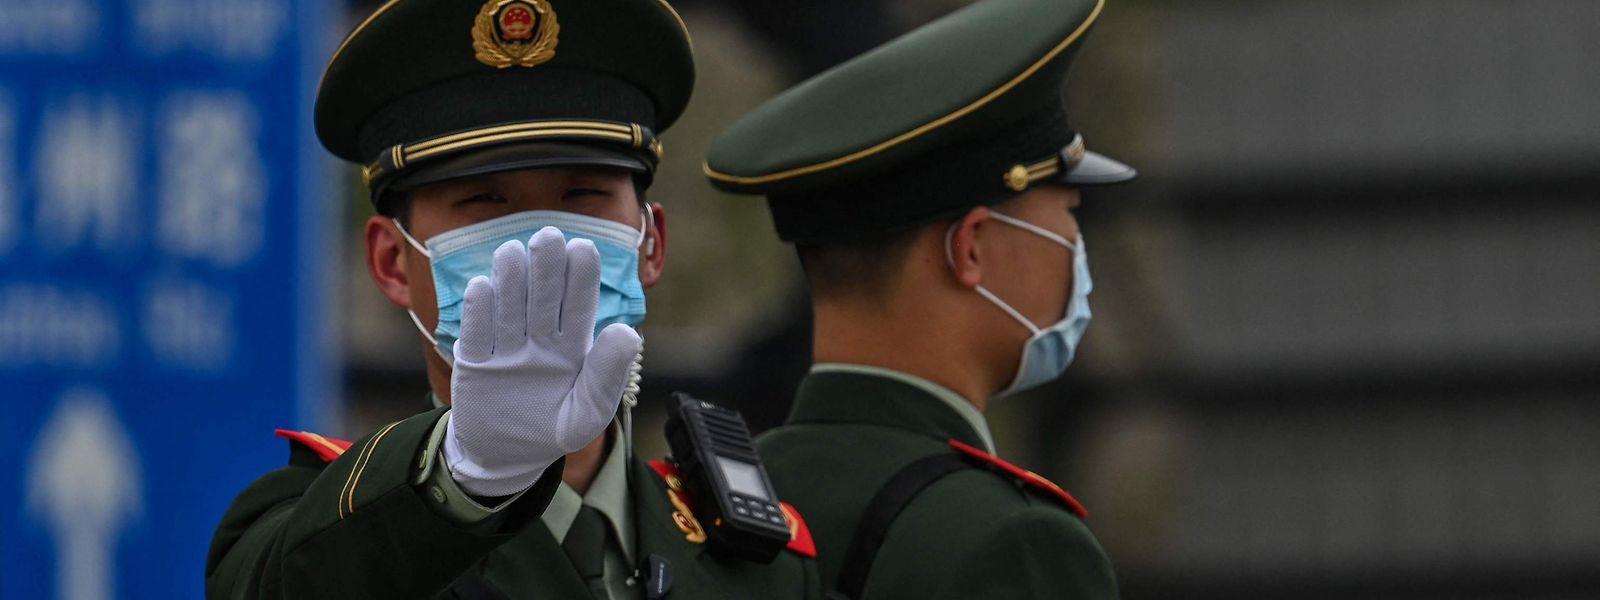 Chinesischer Polizist in Shanghai im April 2021.